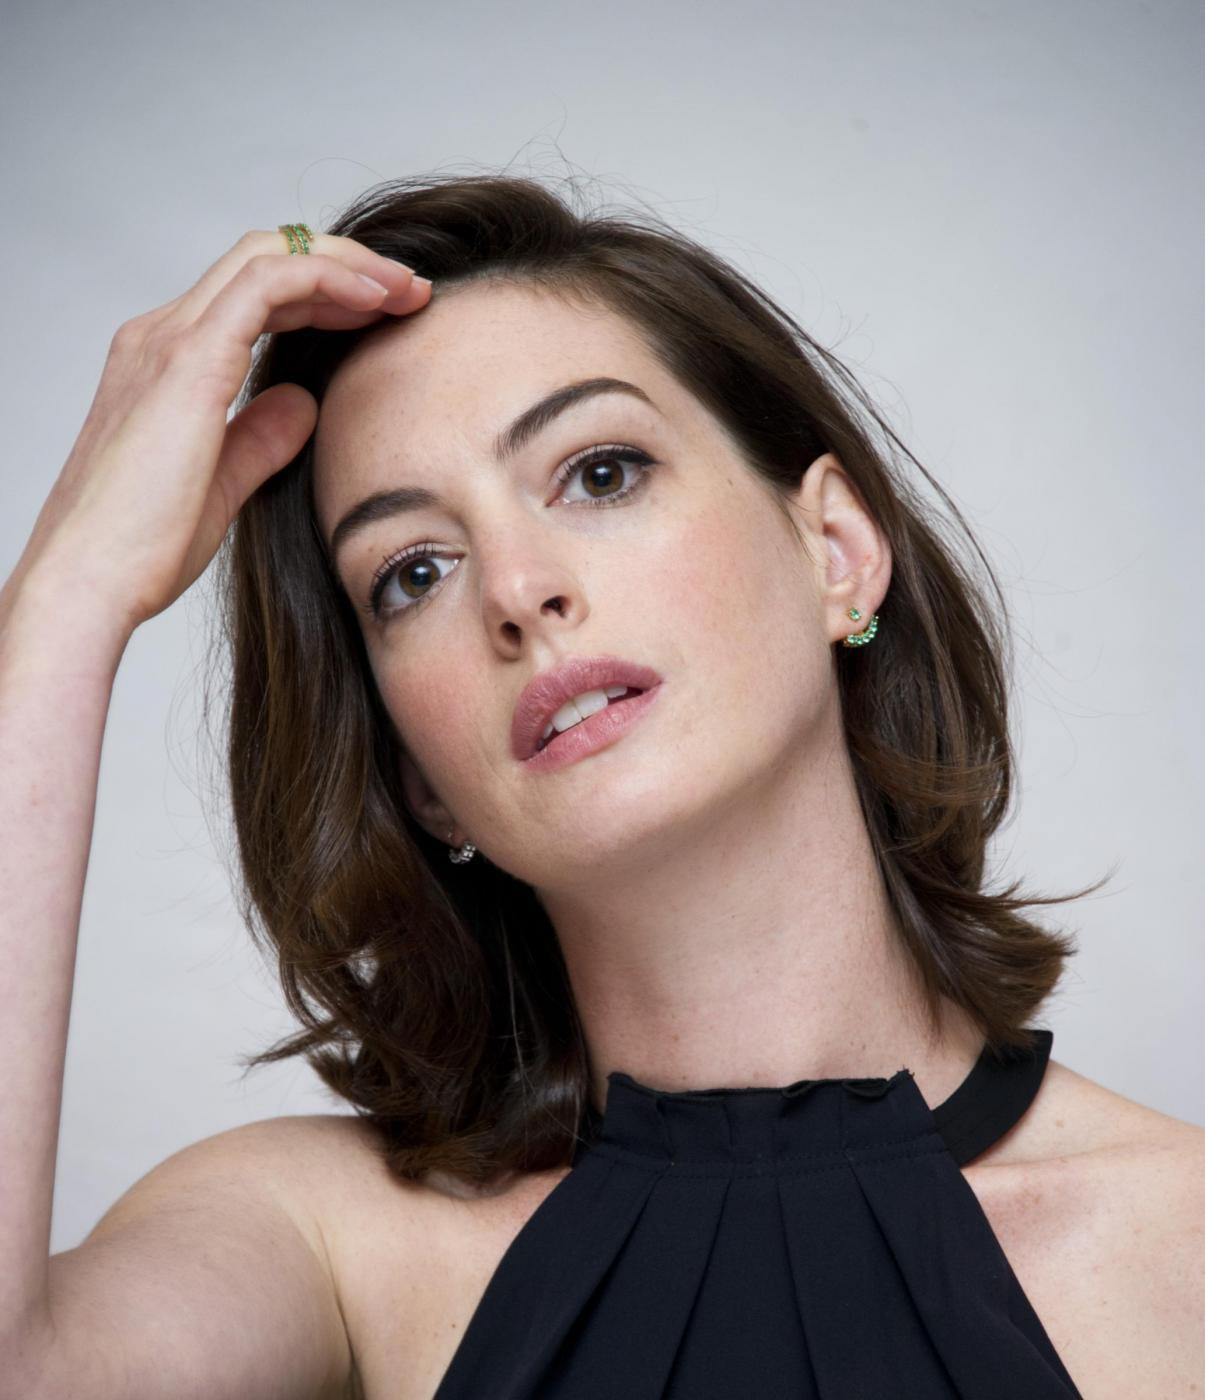 Anne Hathaway elegante per il photocall del film The intern FOTO 16